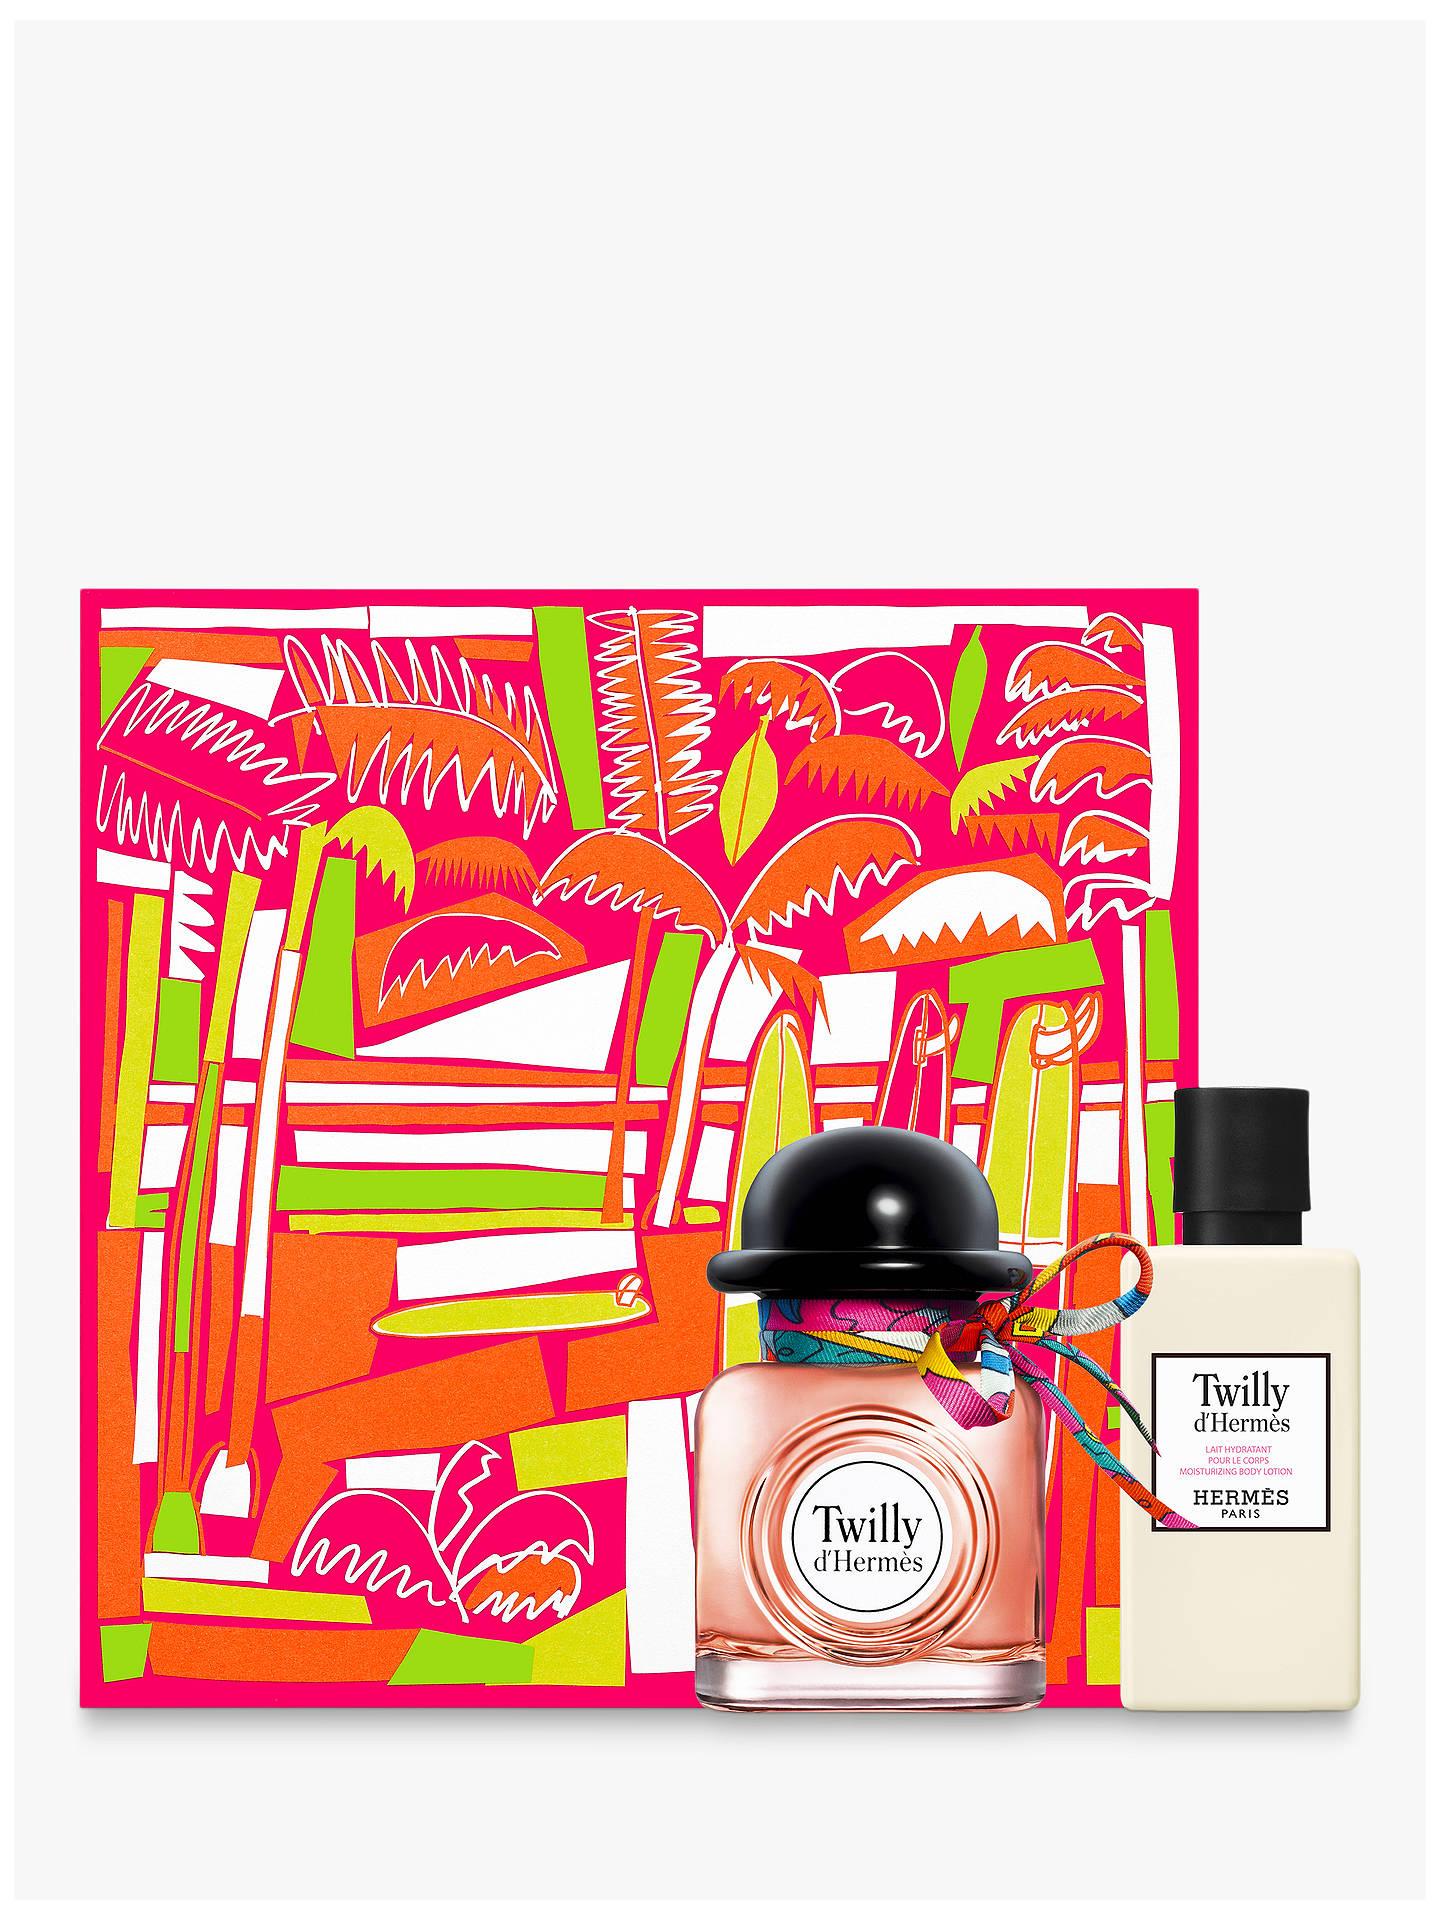 78d52d221074 Buy HERMÈS Twilly d'Hermès Eau de Parfum 50ml Fragrance Gift Set Online at  johnlewis